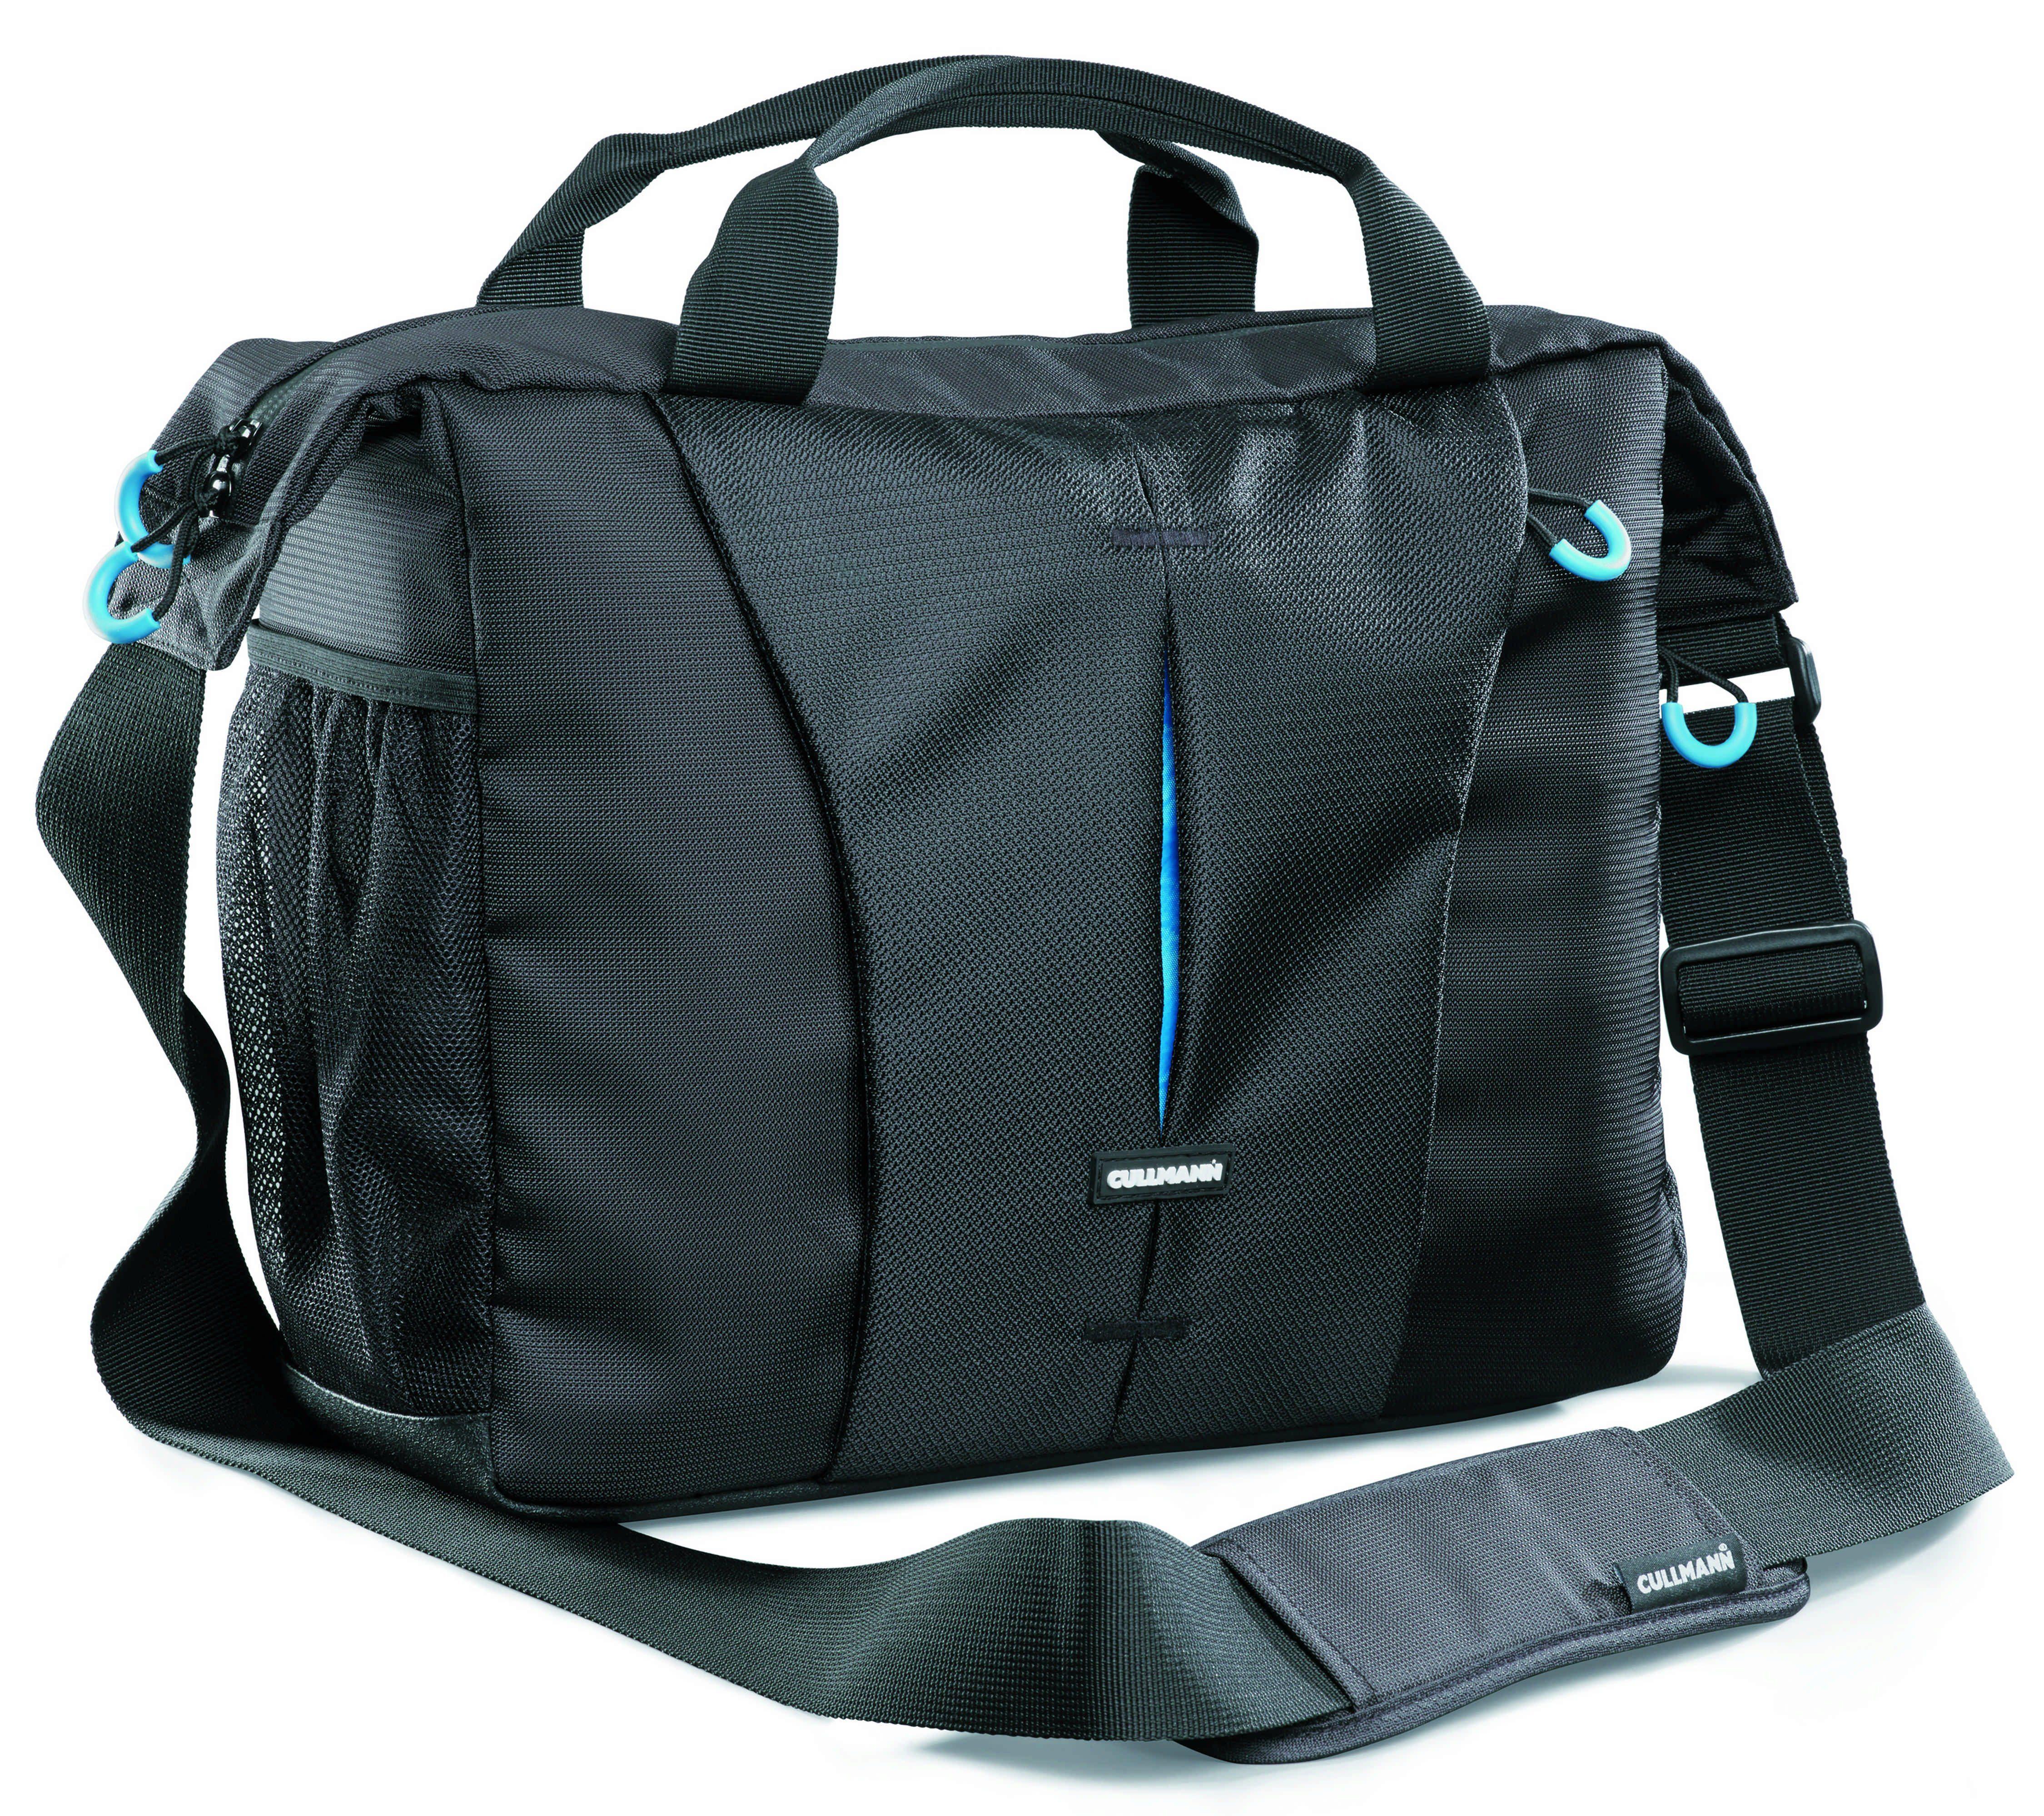 Cullmann Kameratasche für mittelgroße DSLR-/CSC-Kameras mit Schutzhülle »SYDNEY pro Maxima 425+«